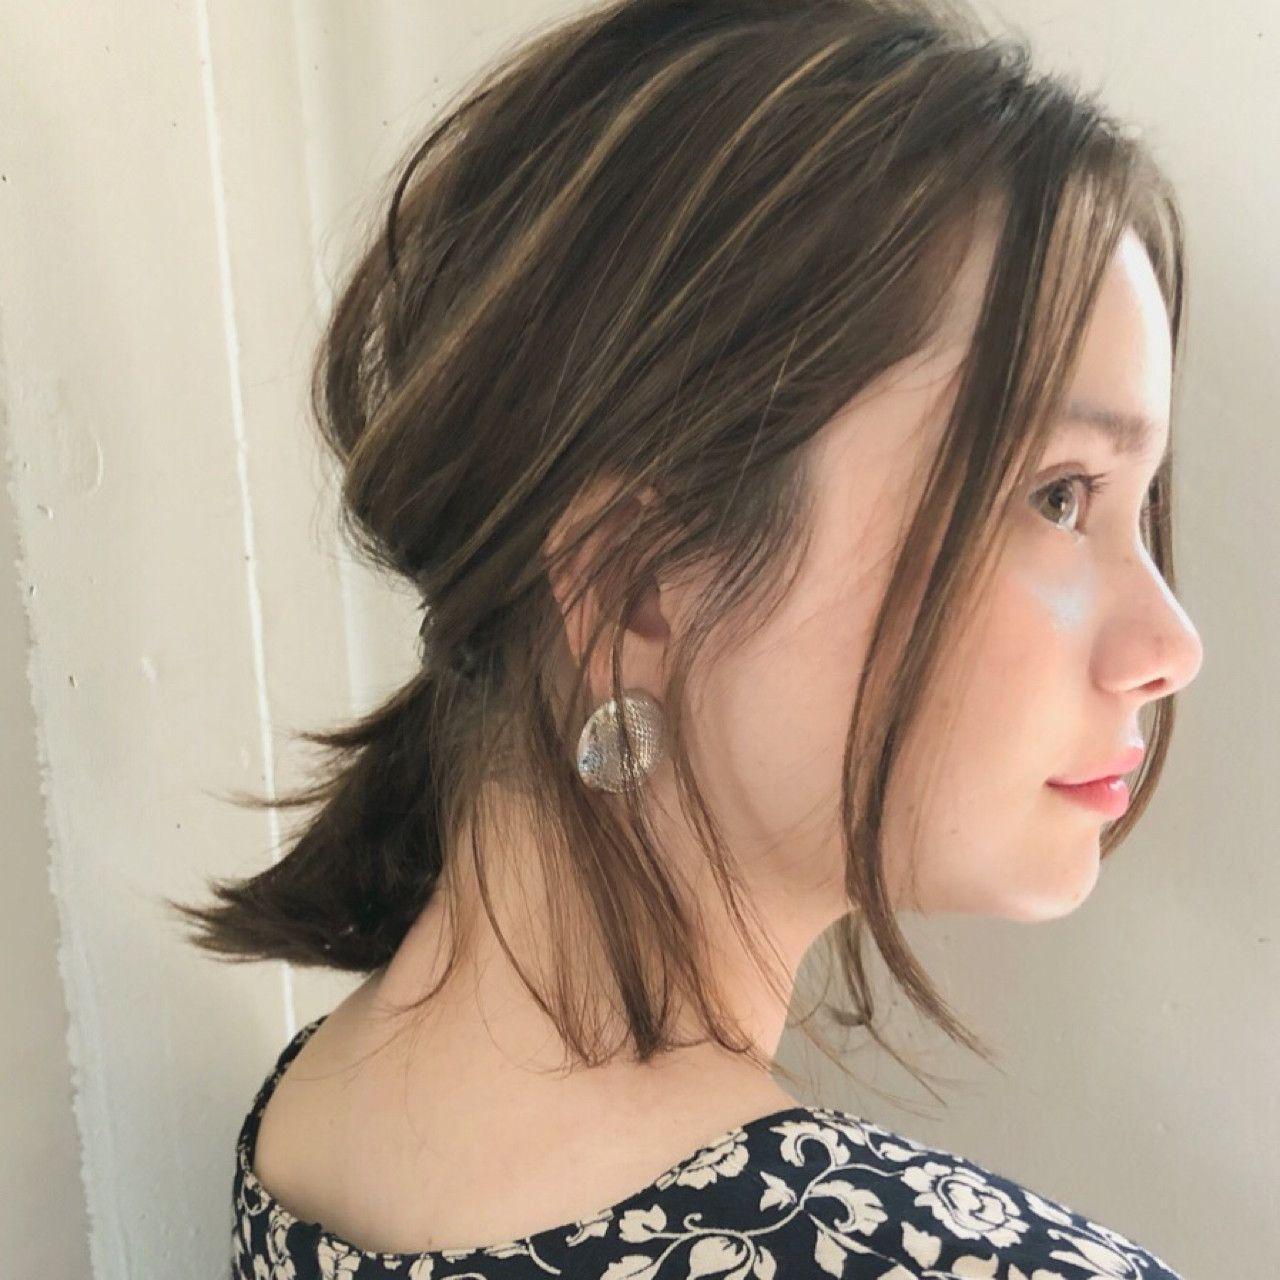 小顔はヘアアレンジで叶う 小顔テクニックヘア15選 Hair ヘアー